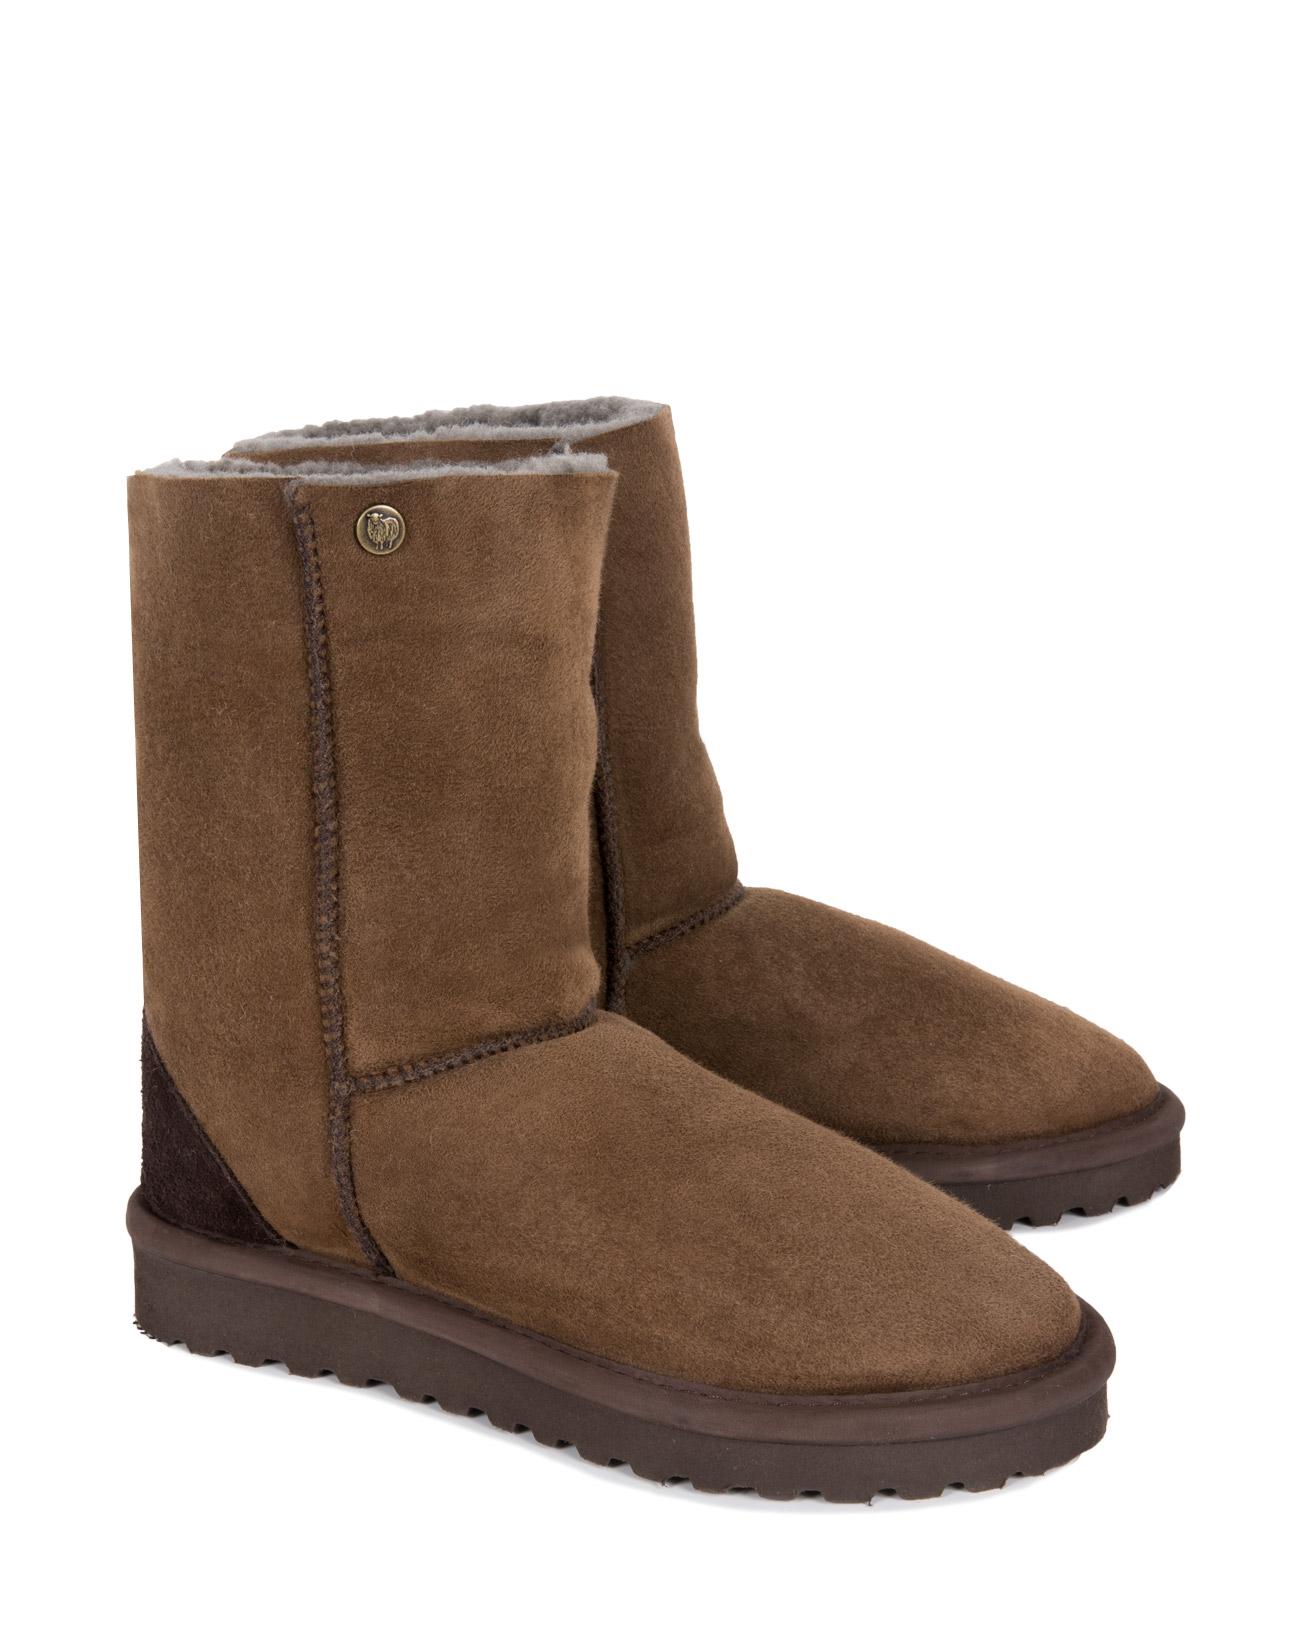 6614-celt reg-khaki-pair-aw18.jpg